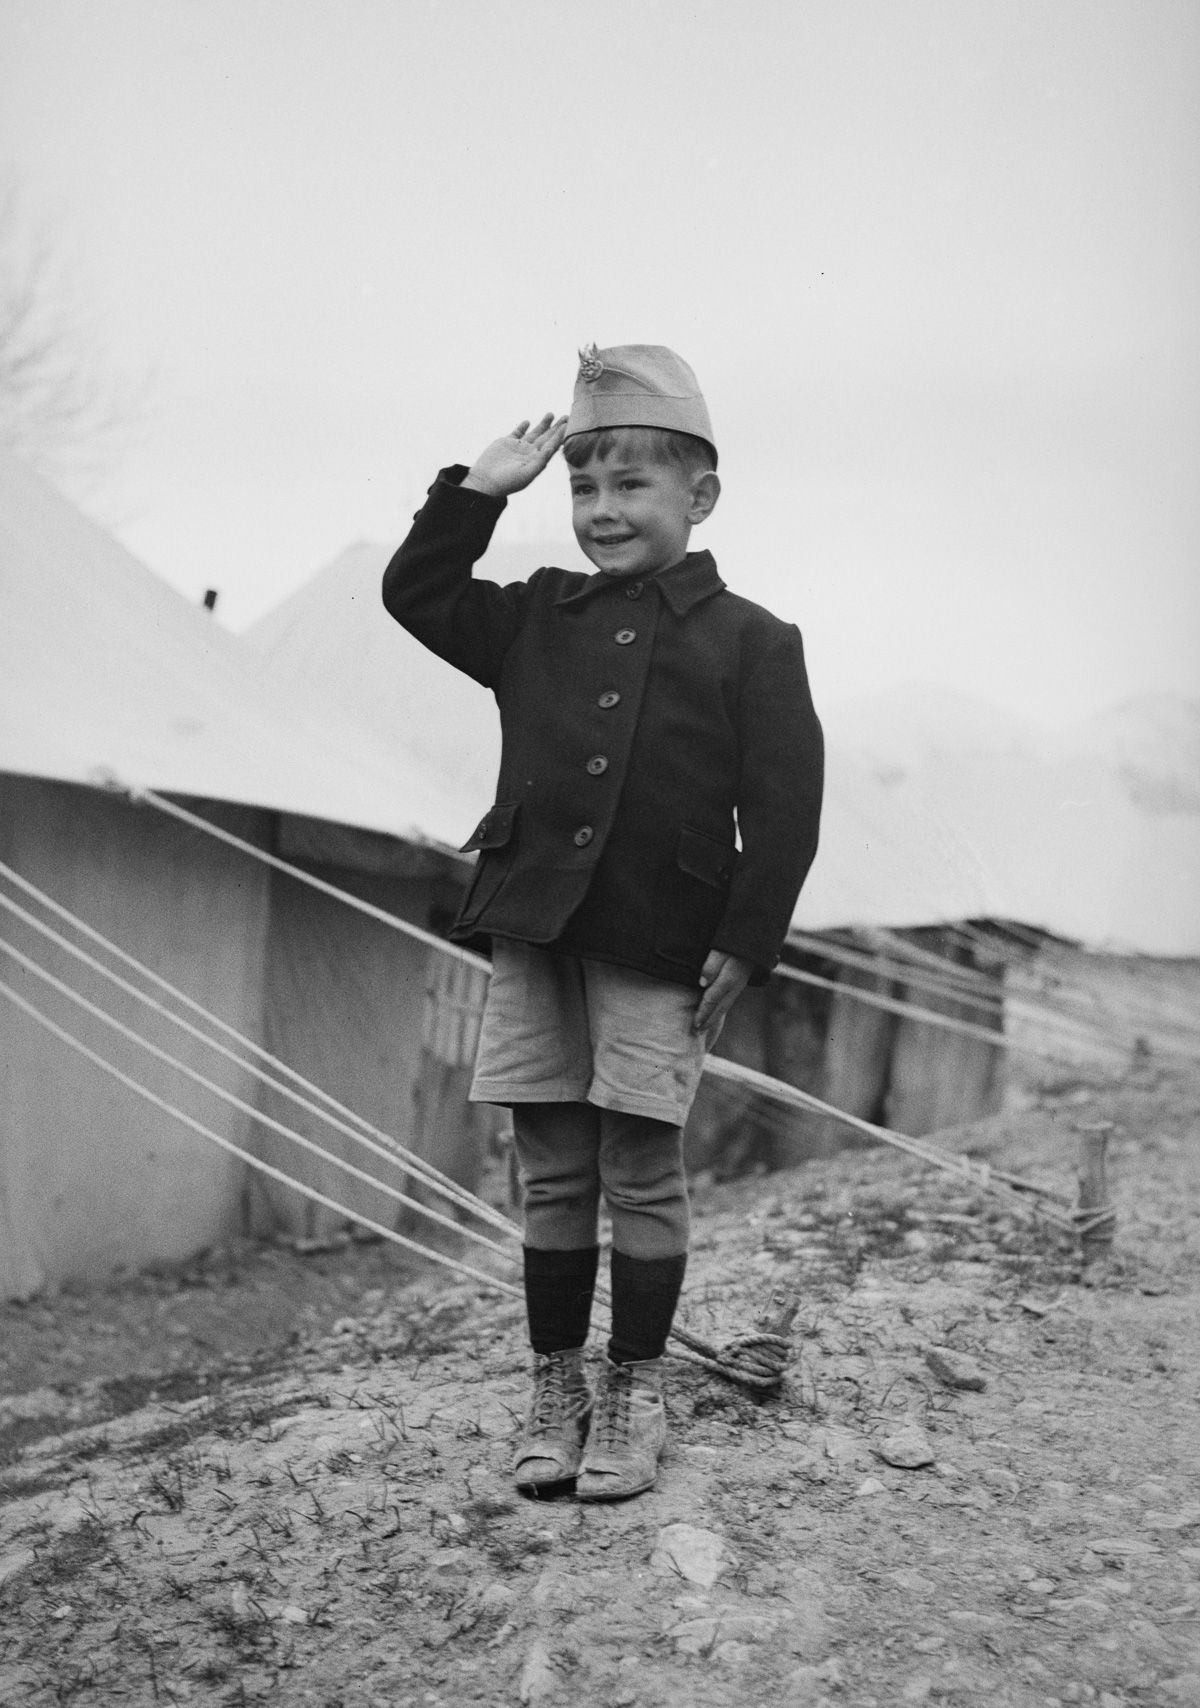 Na Segunda Guerra Mundial, refugiados poloneses encontraram segurança no Irã 19